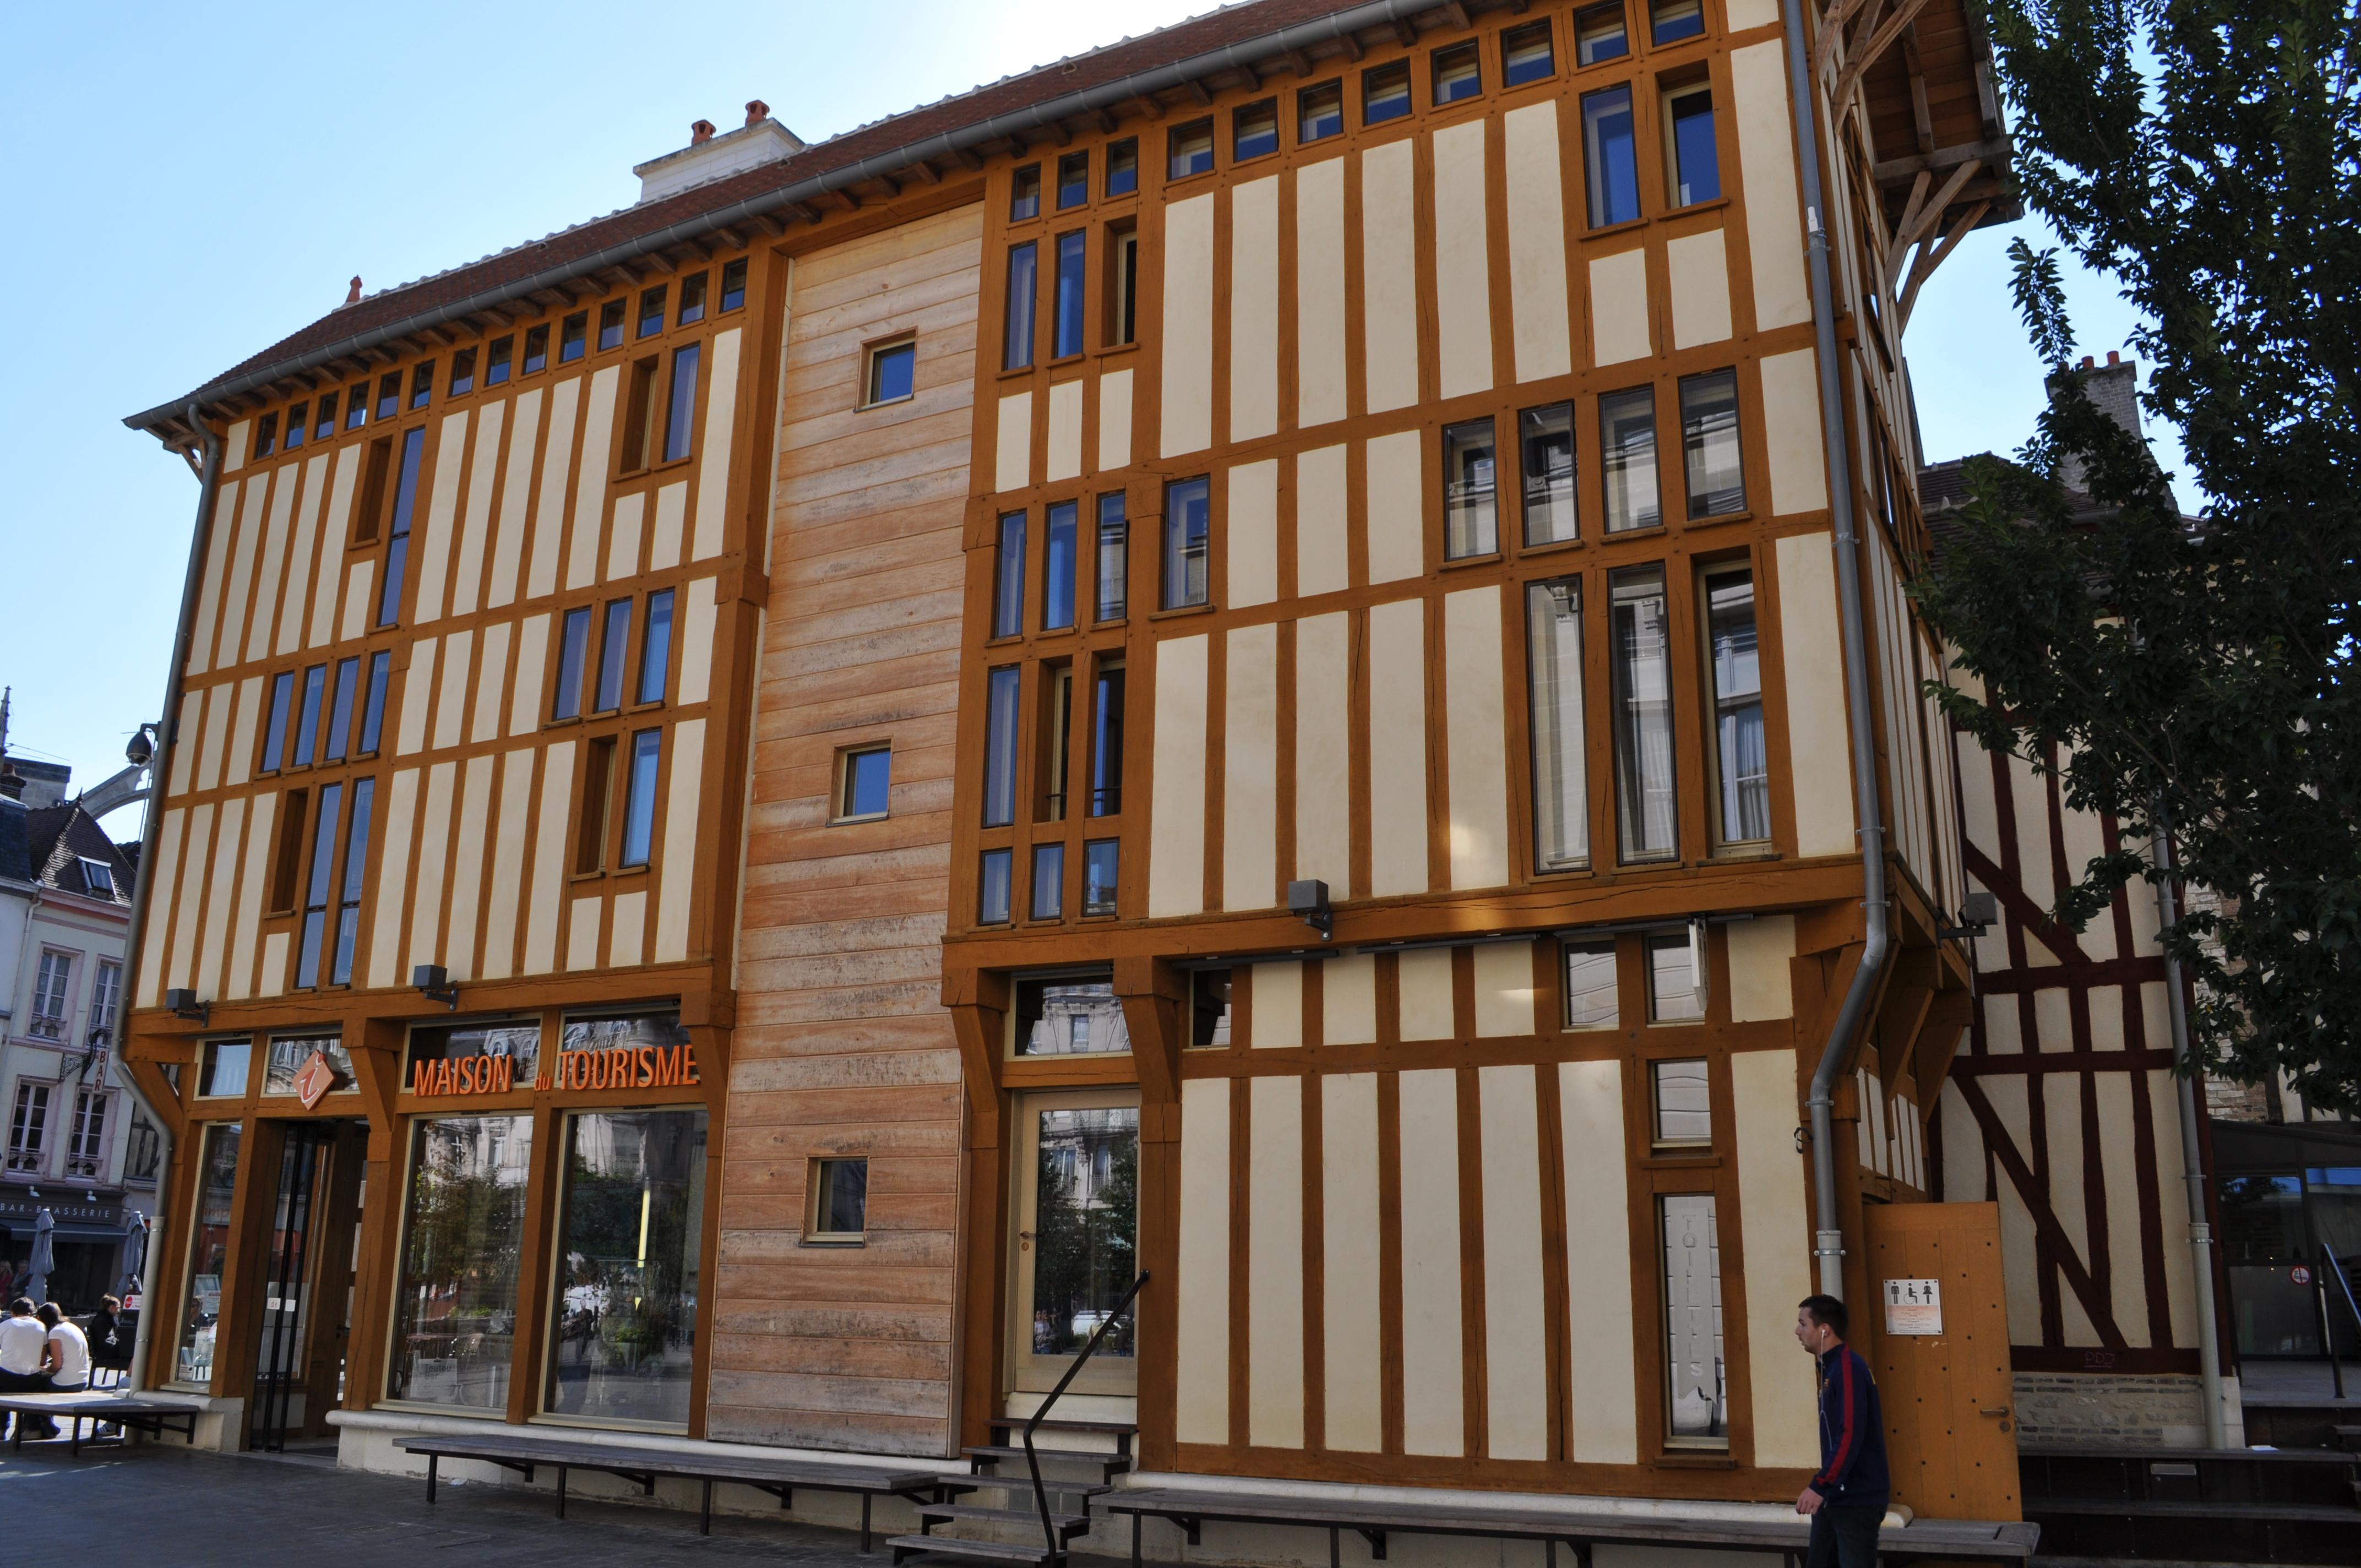 Office du tourisme de troyes lambert menuiserie - Troyes office de tourisme ...